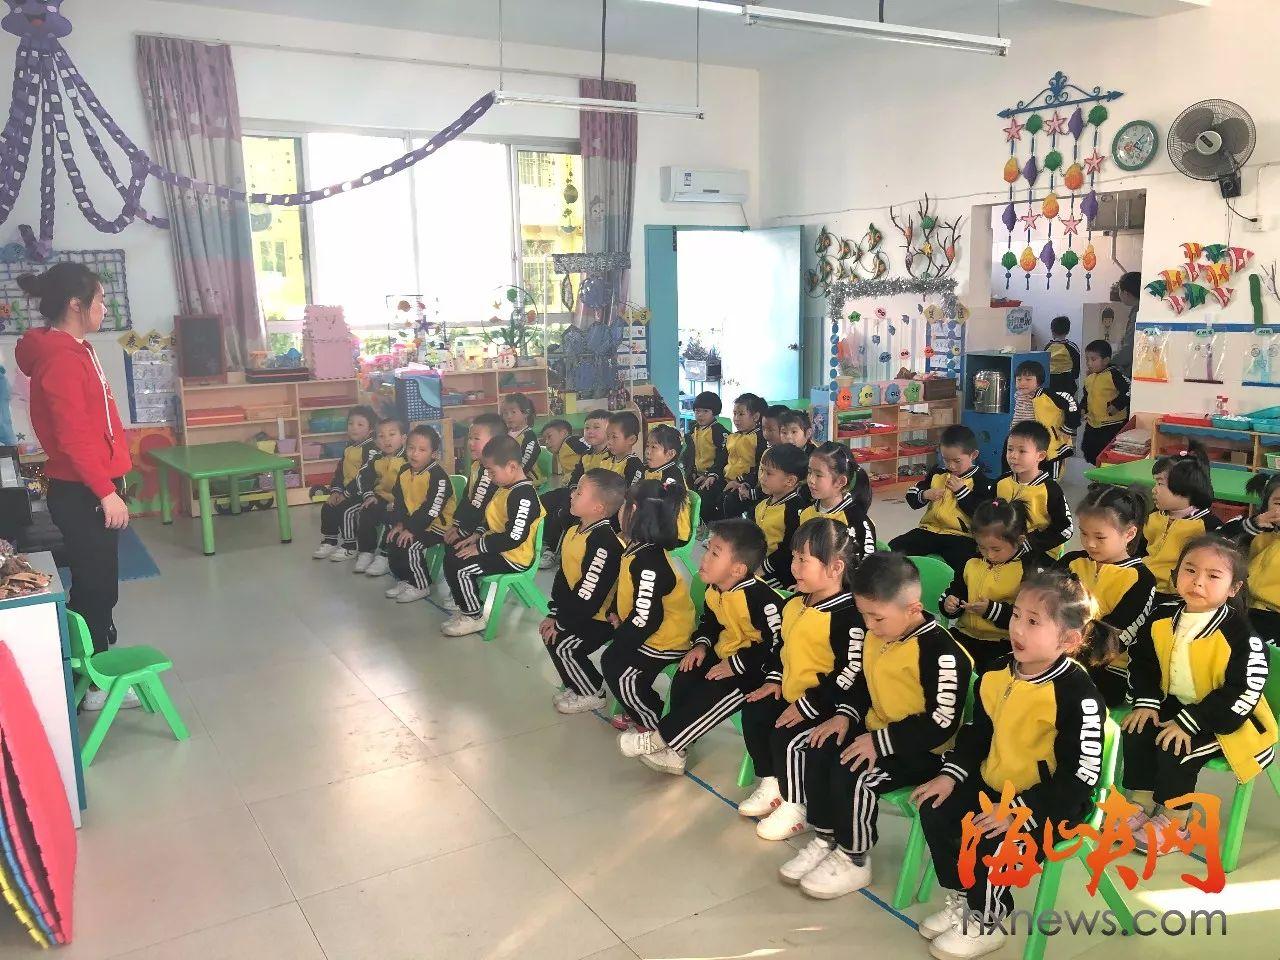 建竹木城堡、演传统迎亲、还舞龙舞狮……闽侯这个乡镇幼儿园 有点厉害啊!